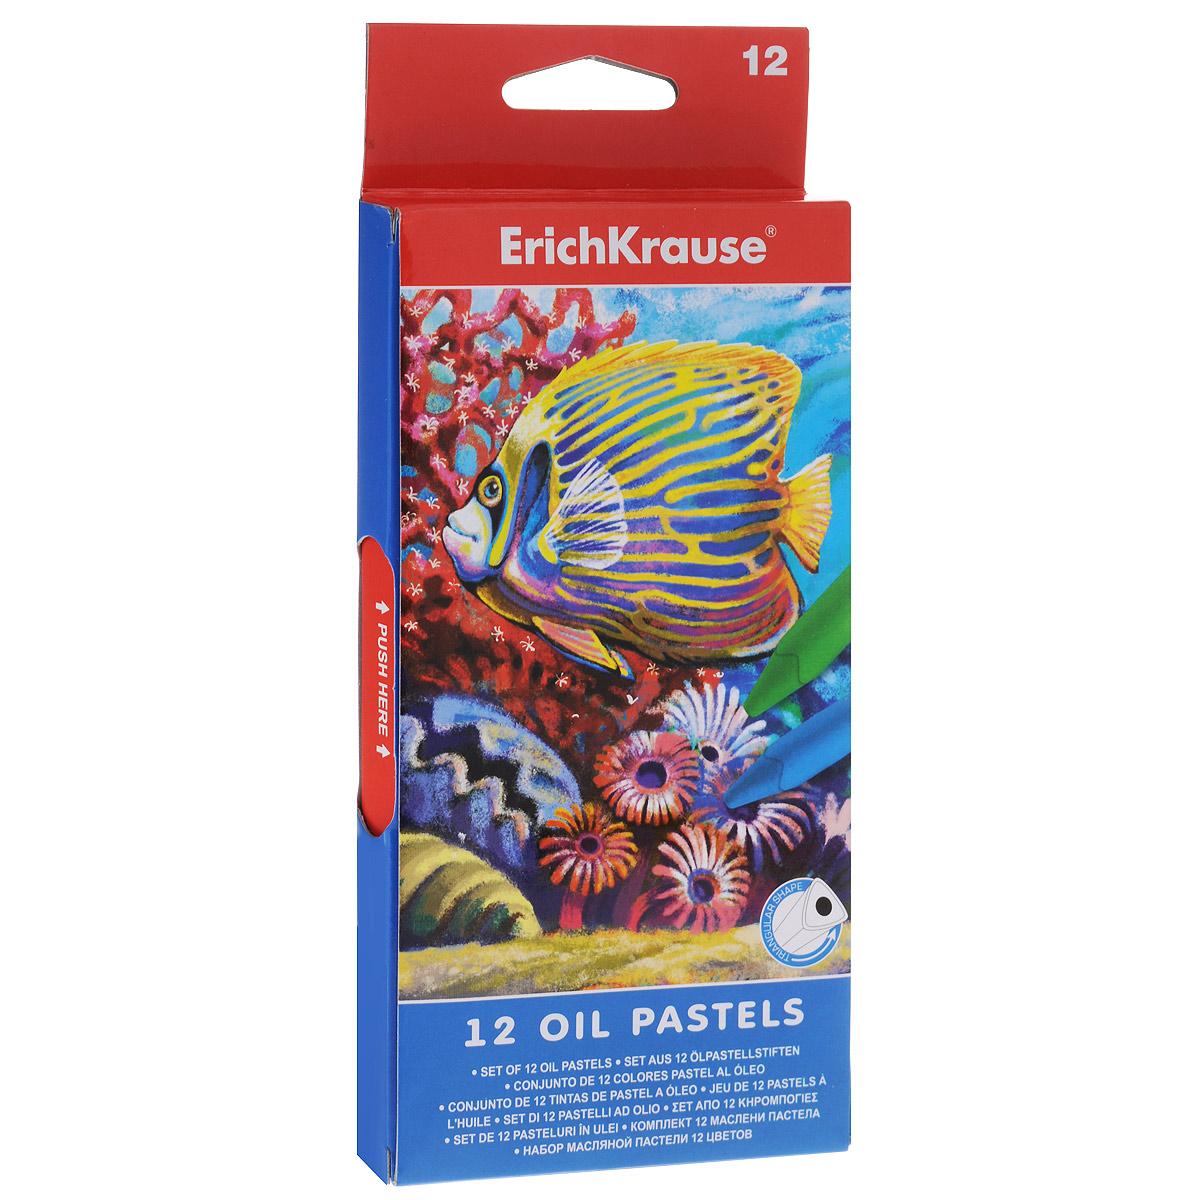 Пастель масляная Erich Krause, 12 штFS-36052Пастель масляная Erich Krause изготавливается с использованием светоустойчивых пигментов. Основа масляной пастели - воск и минеральные масла. В наборе - 12 разных цветов.Удобный эргономичный корпус позволяет рисовать в разных техниках. Пастель легко смешивается и растушевывается подушечками пальцев. Каждый мелок в индивидуальной бумажной обертке.Комплектация: 12 шт.